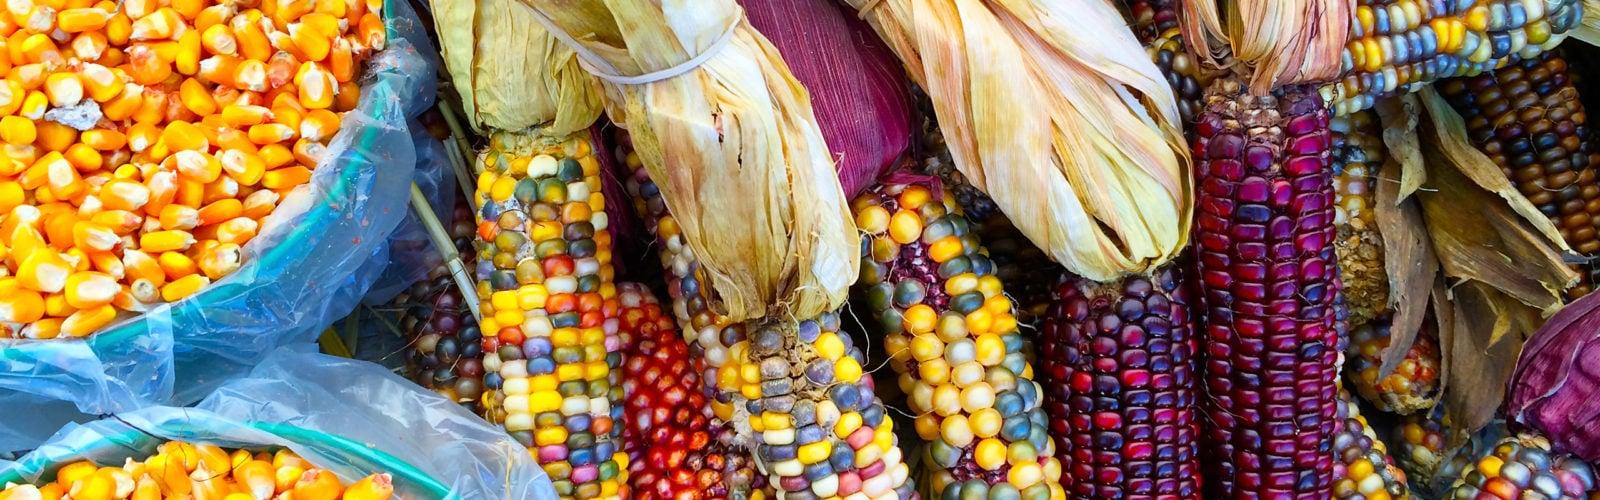 colourful-corn-peru